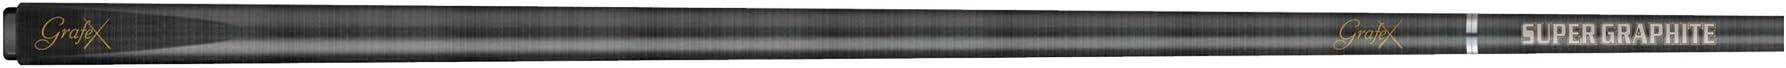 Neon - Nicht Holz - Nicht Hohl - Nicht Holzgelenk - Alles Reine Graphit + Fiberglas = Zusammengesetzt Cue Stick - Palko Grafex - Fast Unzerbrechlich - Billard Queues